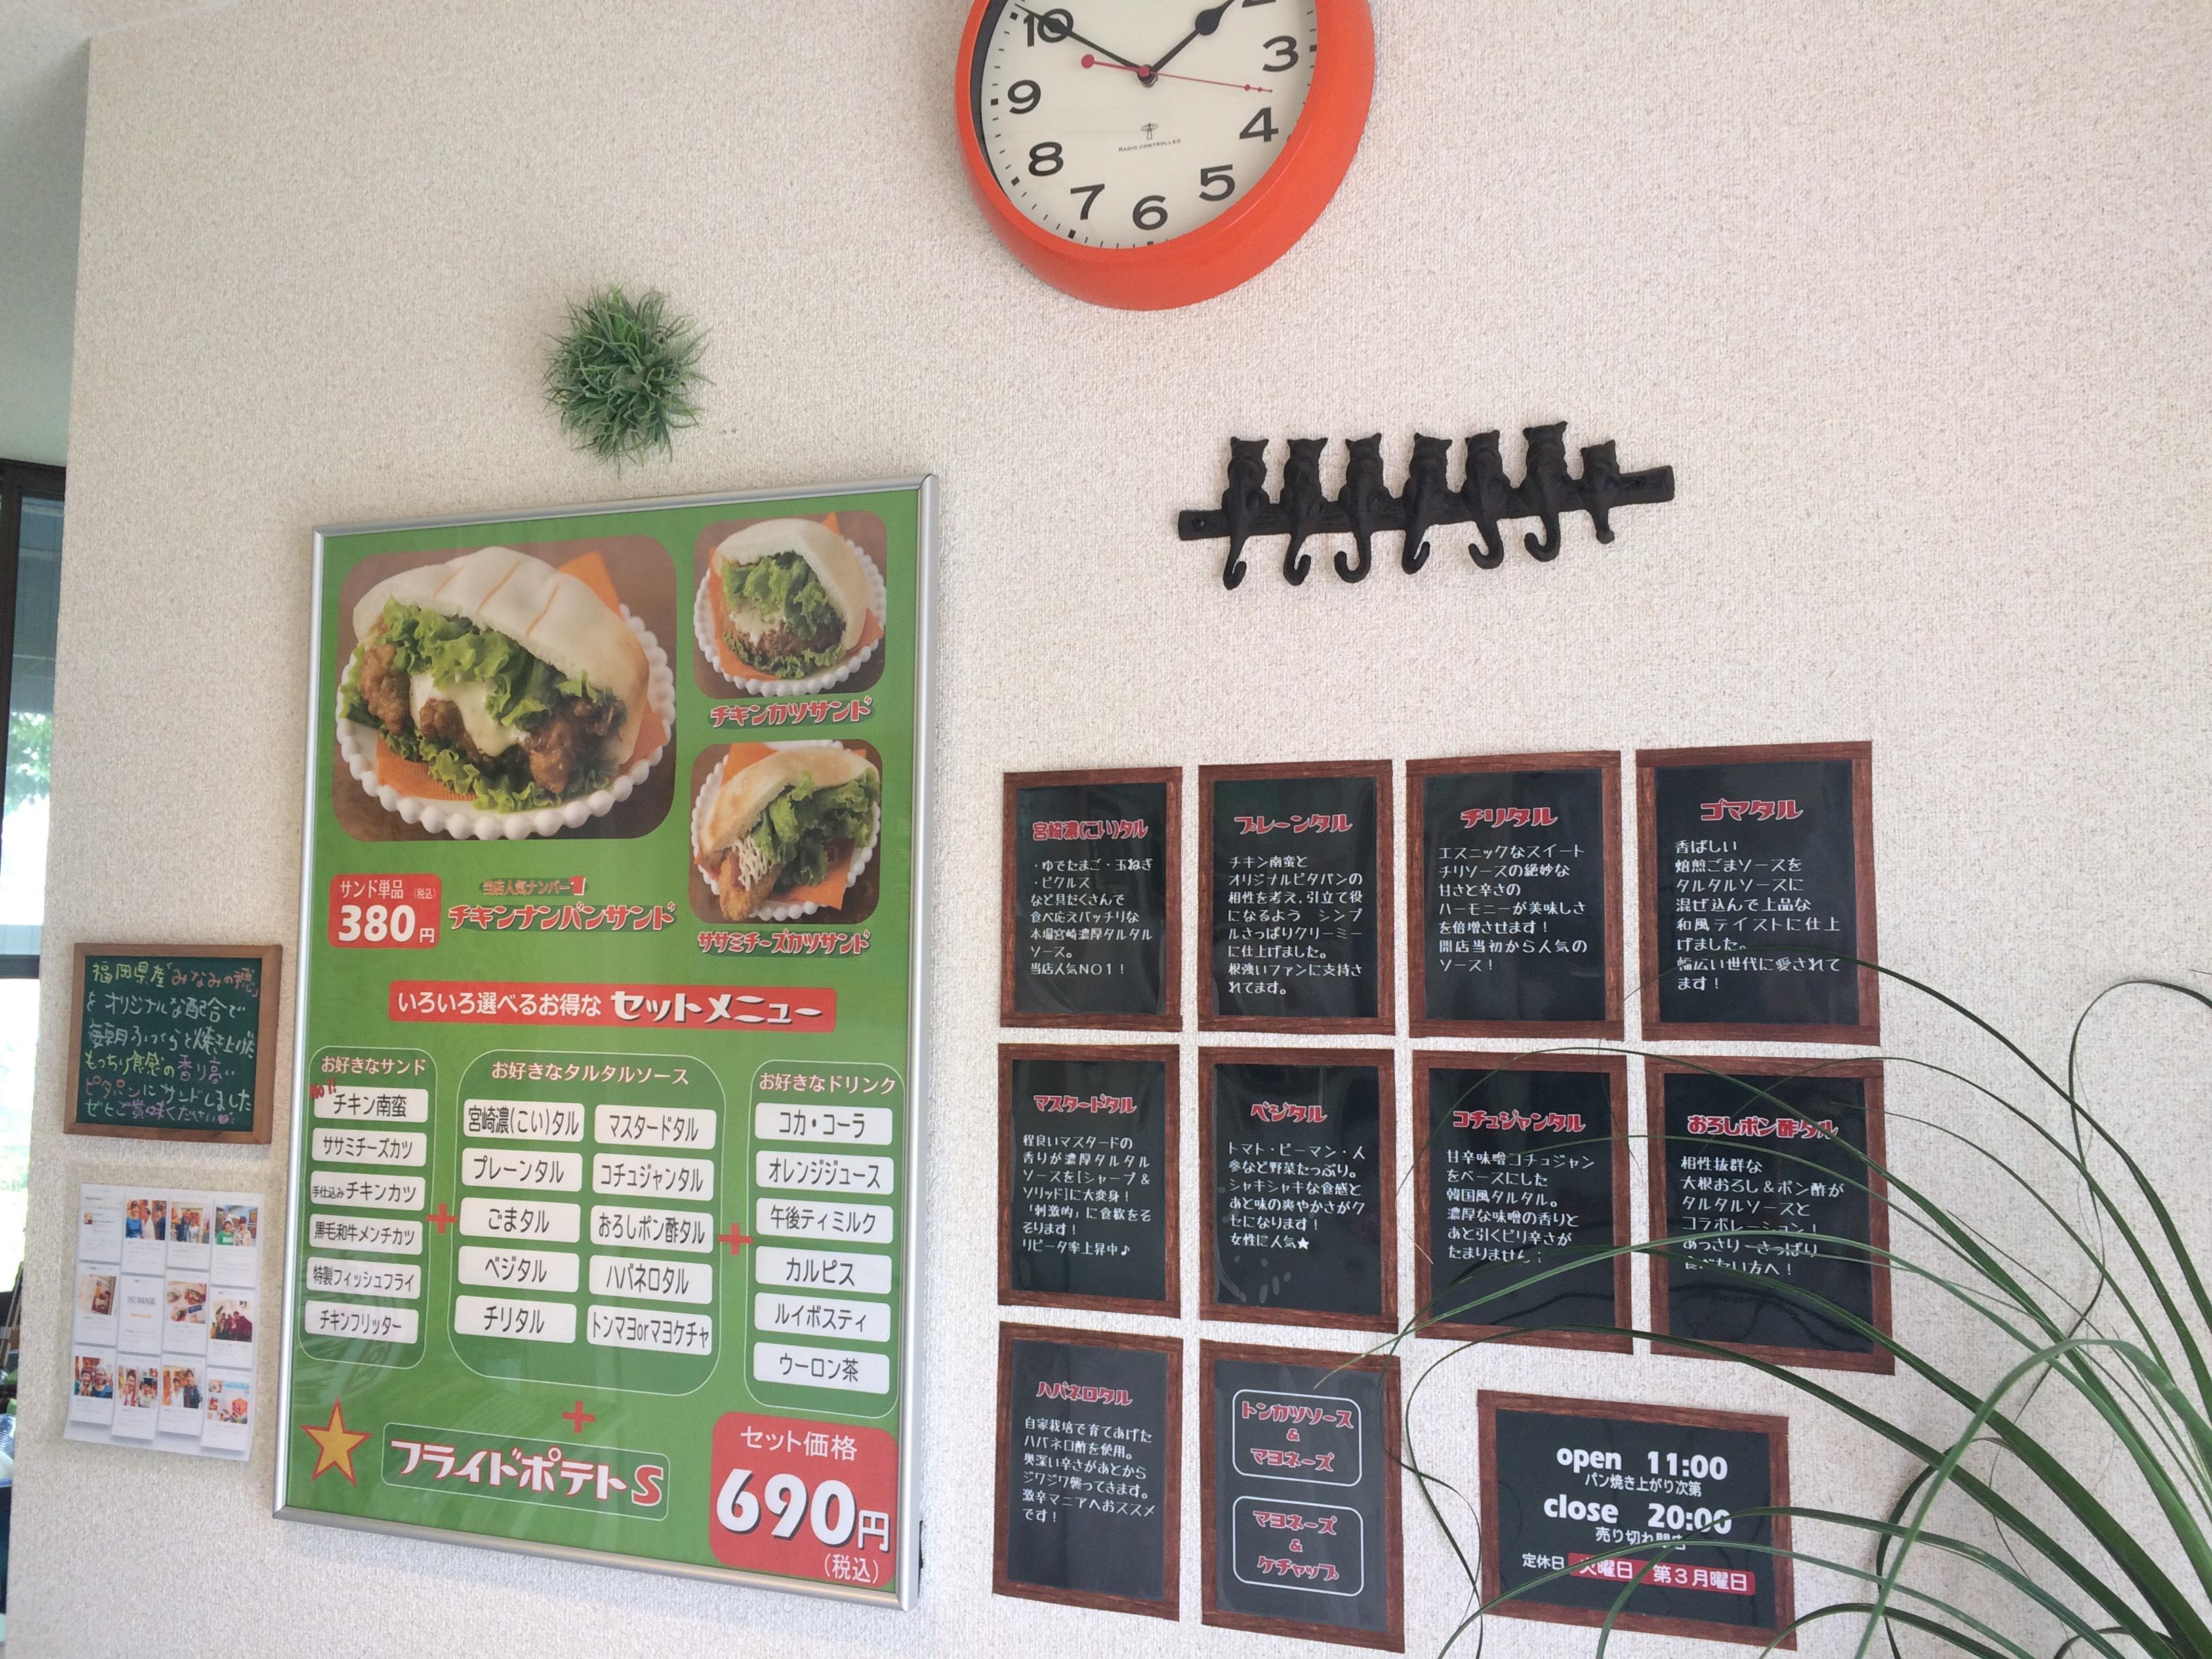 福岡市平尾のチキン南蛮三サンド専門店「ワタナベナンバン」